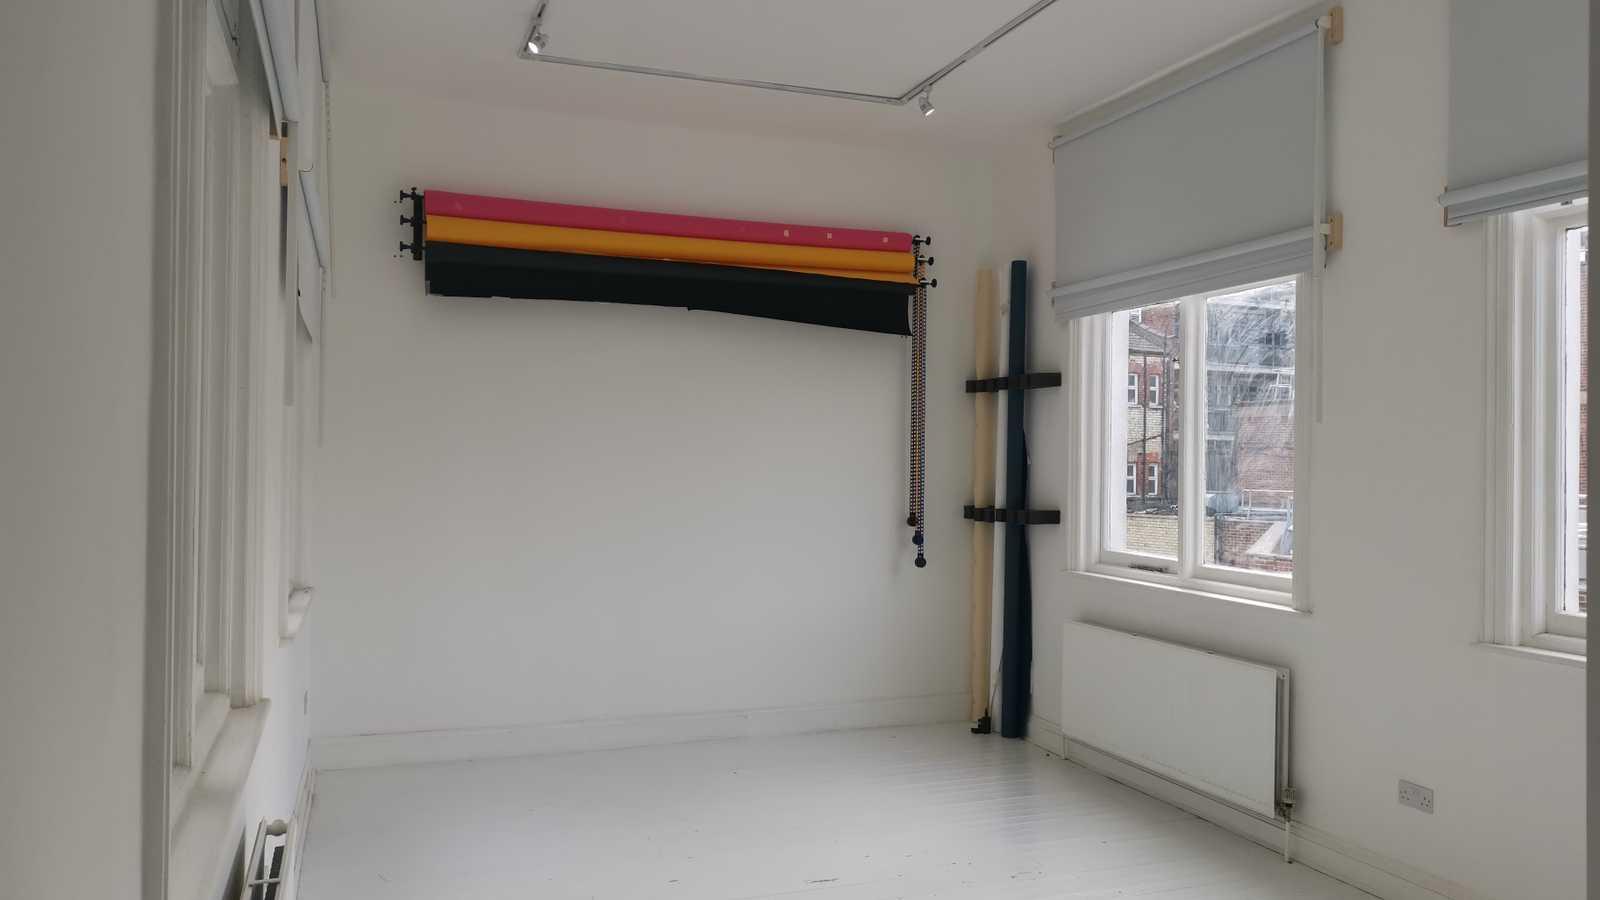 White Photo/Film studio